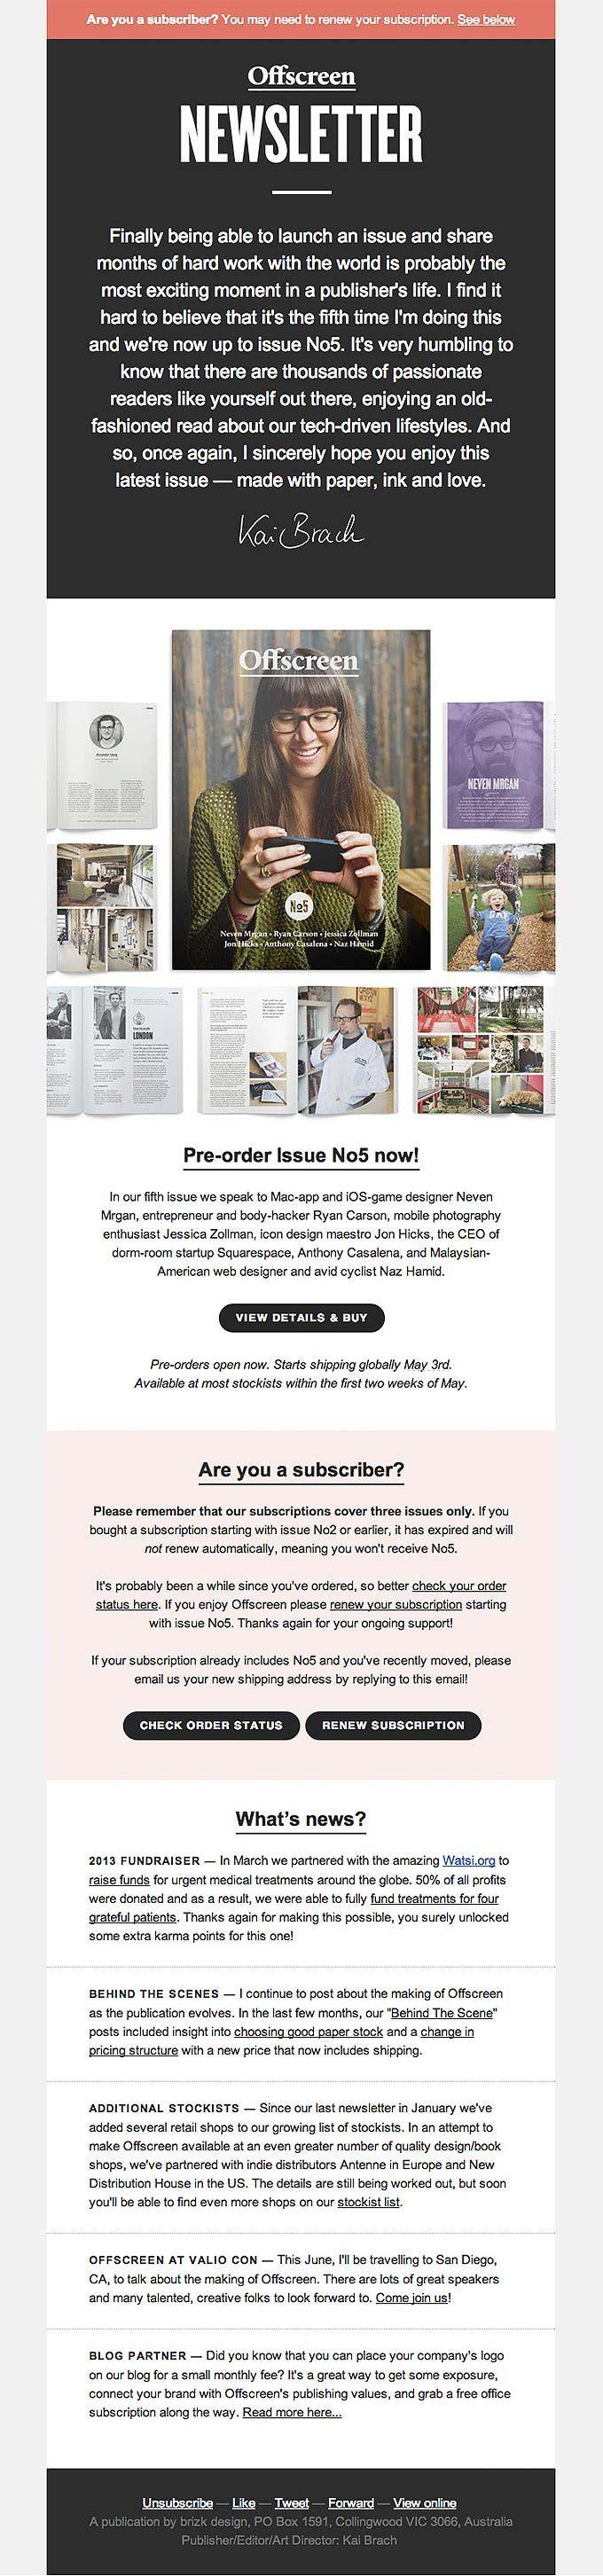 94 best Email Design images on Pinterest | Email newsletter design ...